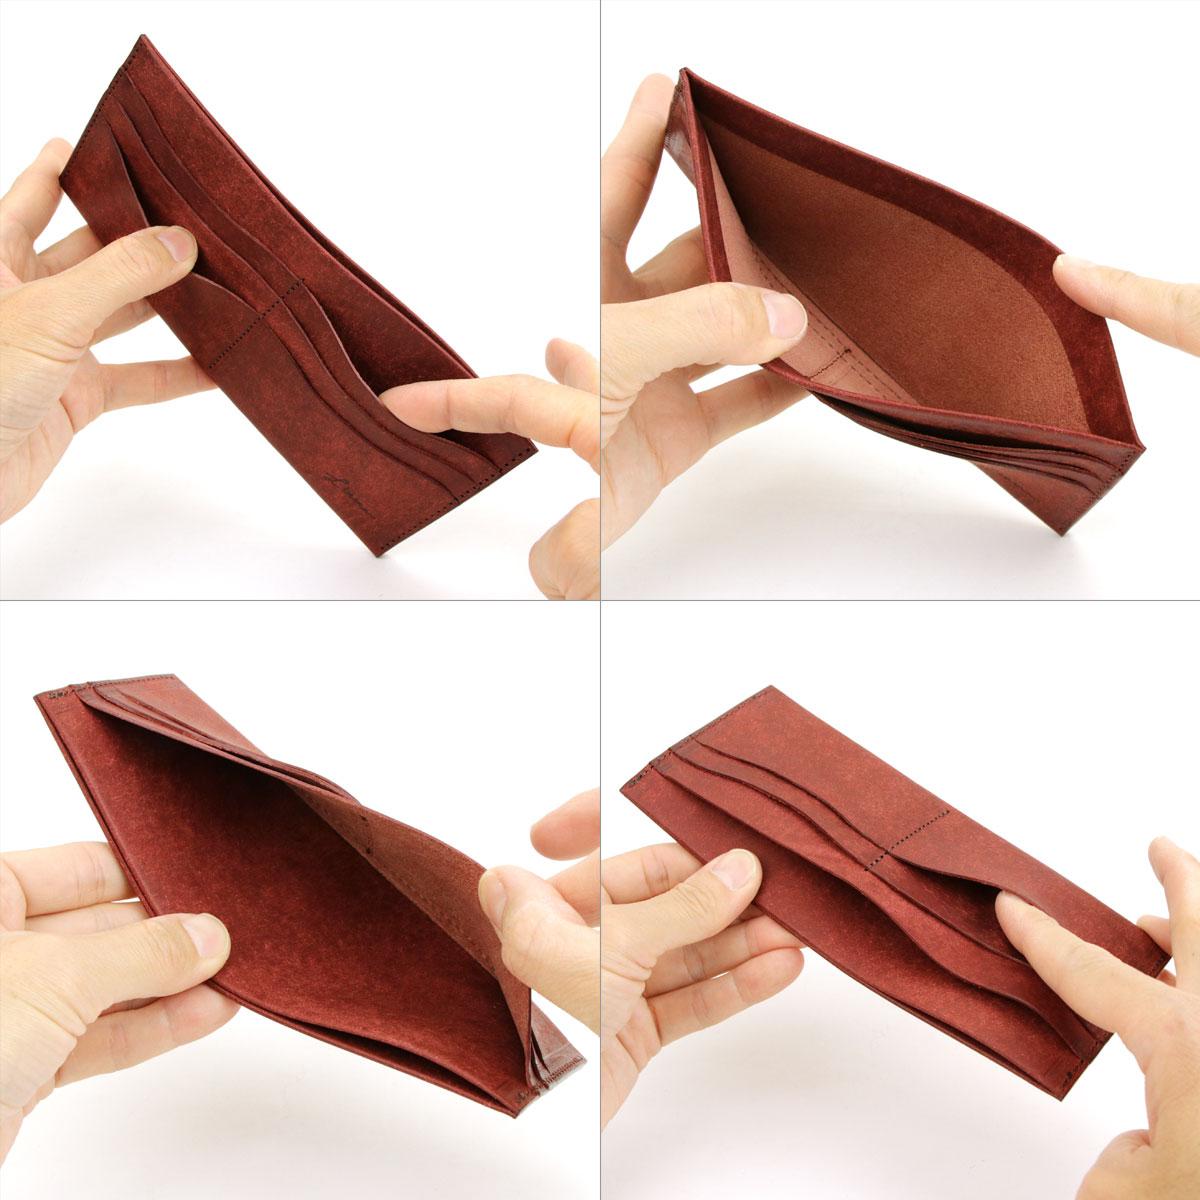 Litsta シングルビルケース Single Bill Case 札入れ 極薄財布 長財布 小銭入れなし 薄い 薄型 日本製 本革 イタリアンレザー PUEBLO プエブロ 牛革 リティスタ